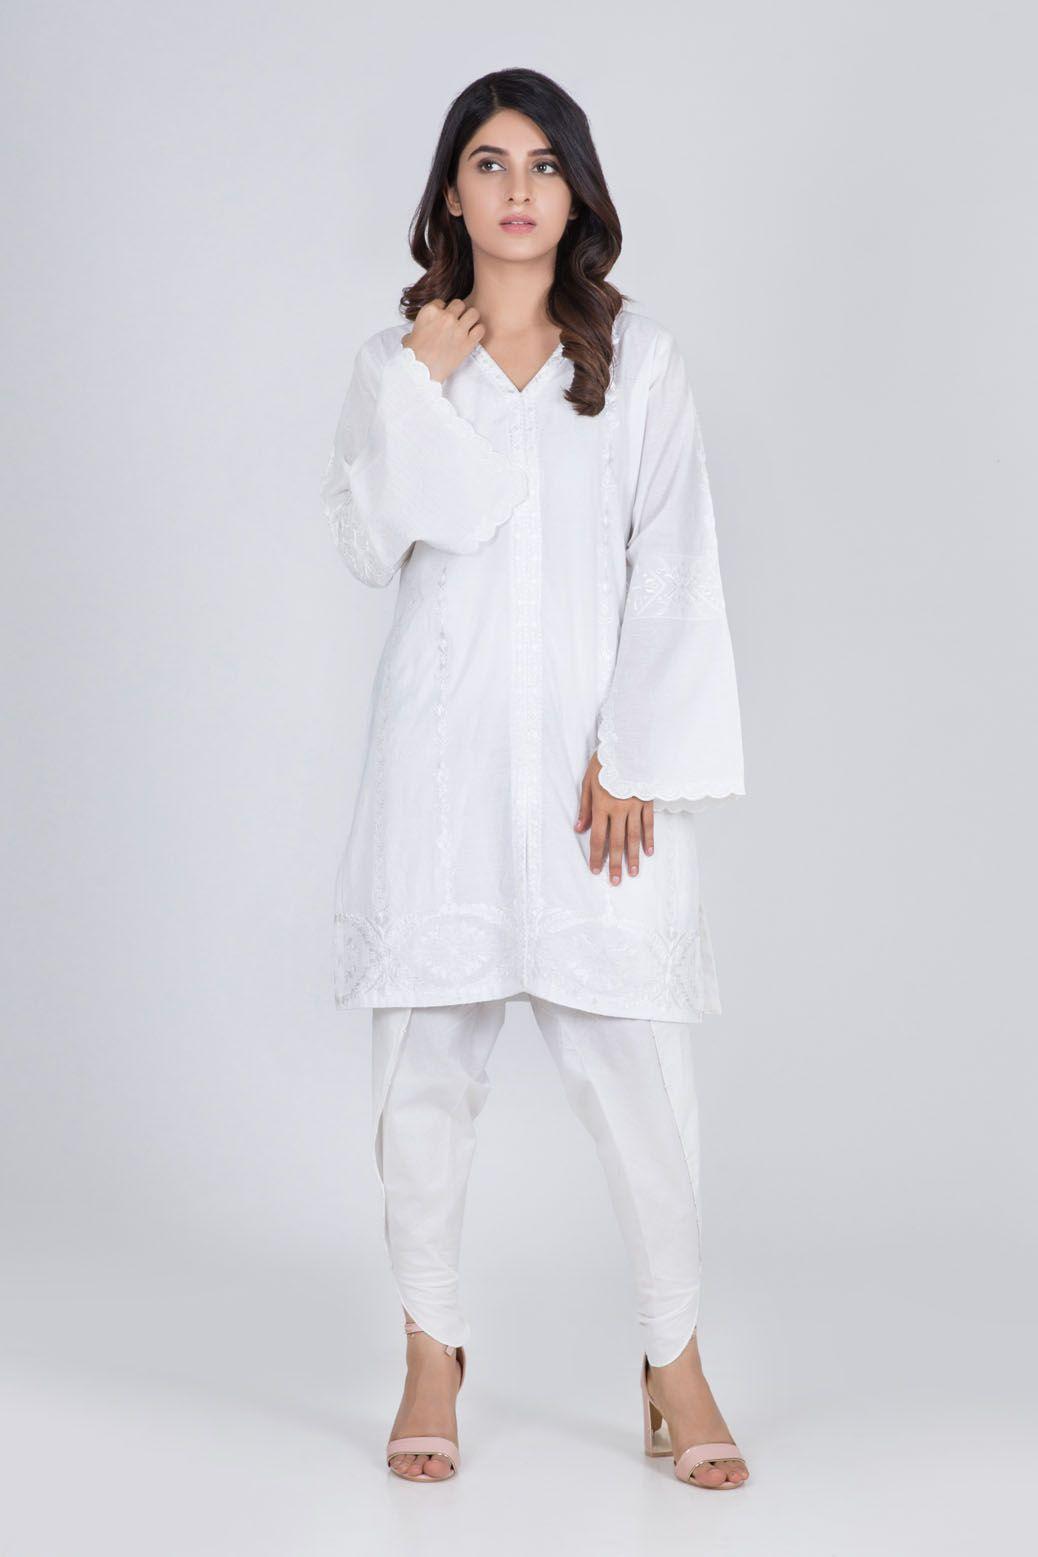 /2019/06/bonanza-satrangi-white-lawn-suit-wbn192p001-white-image1.jpeg